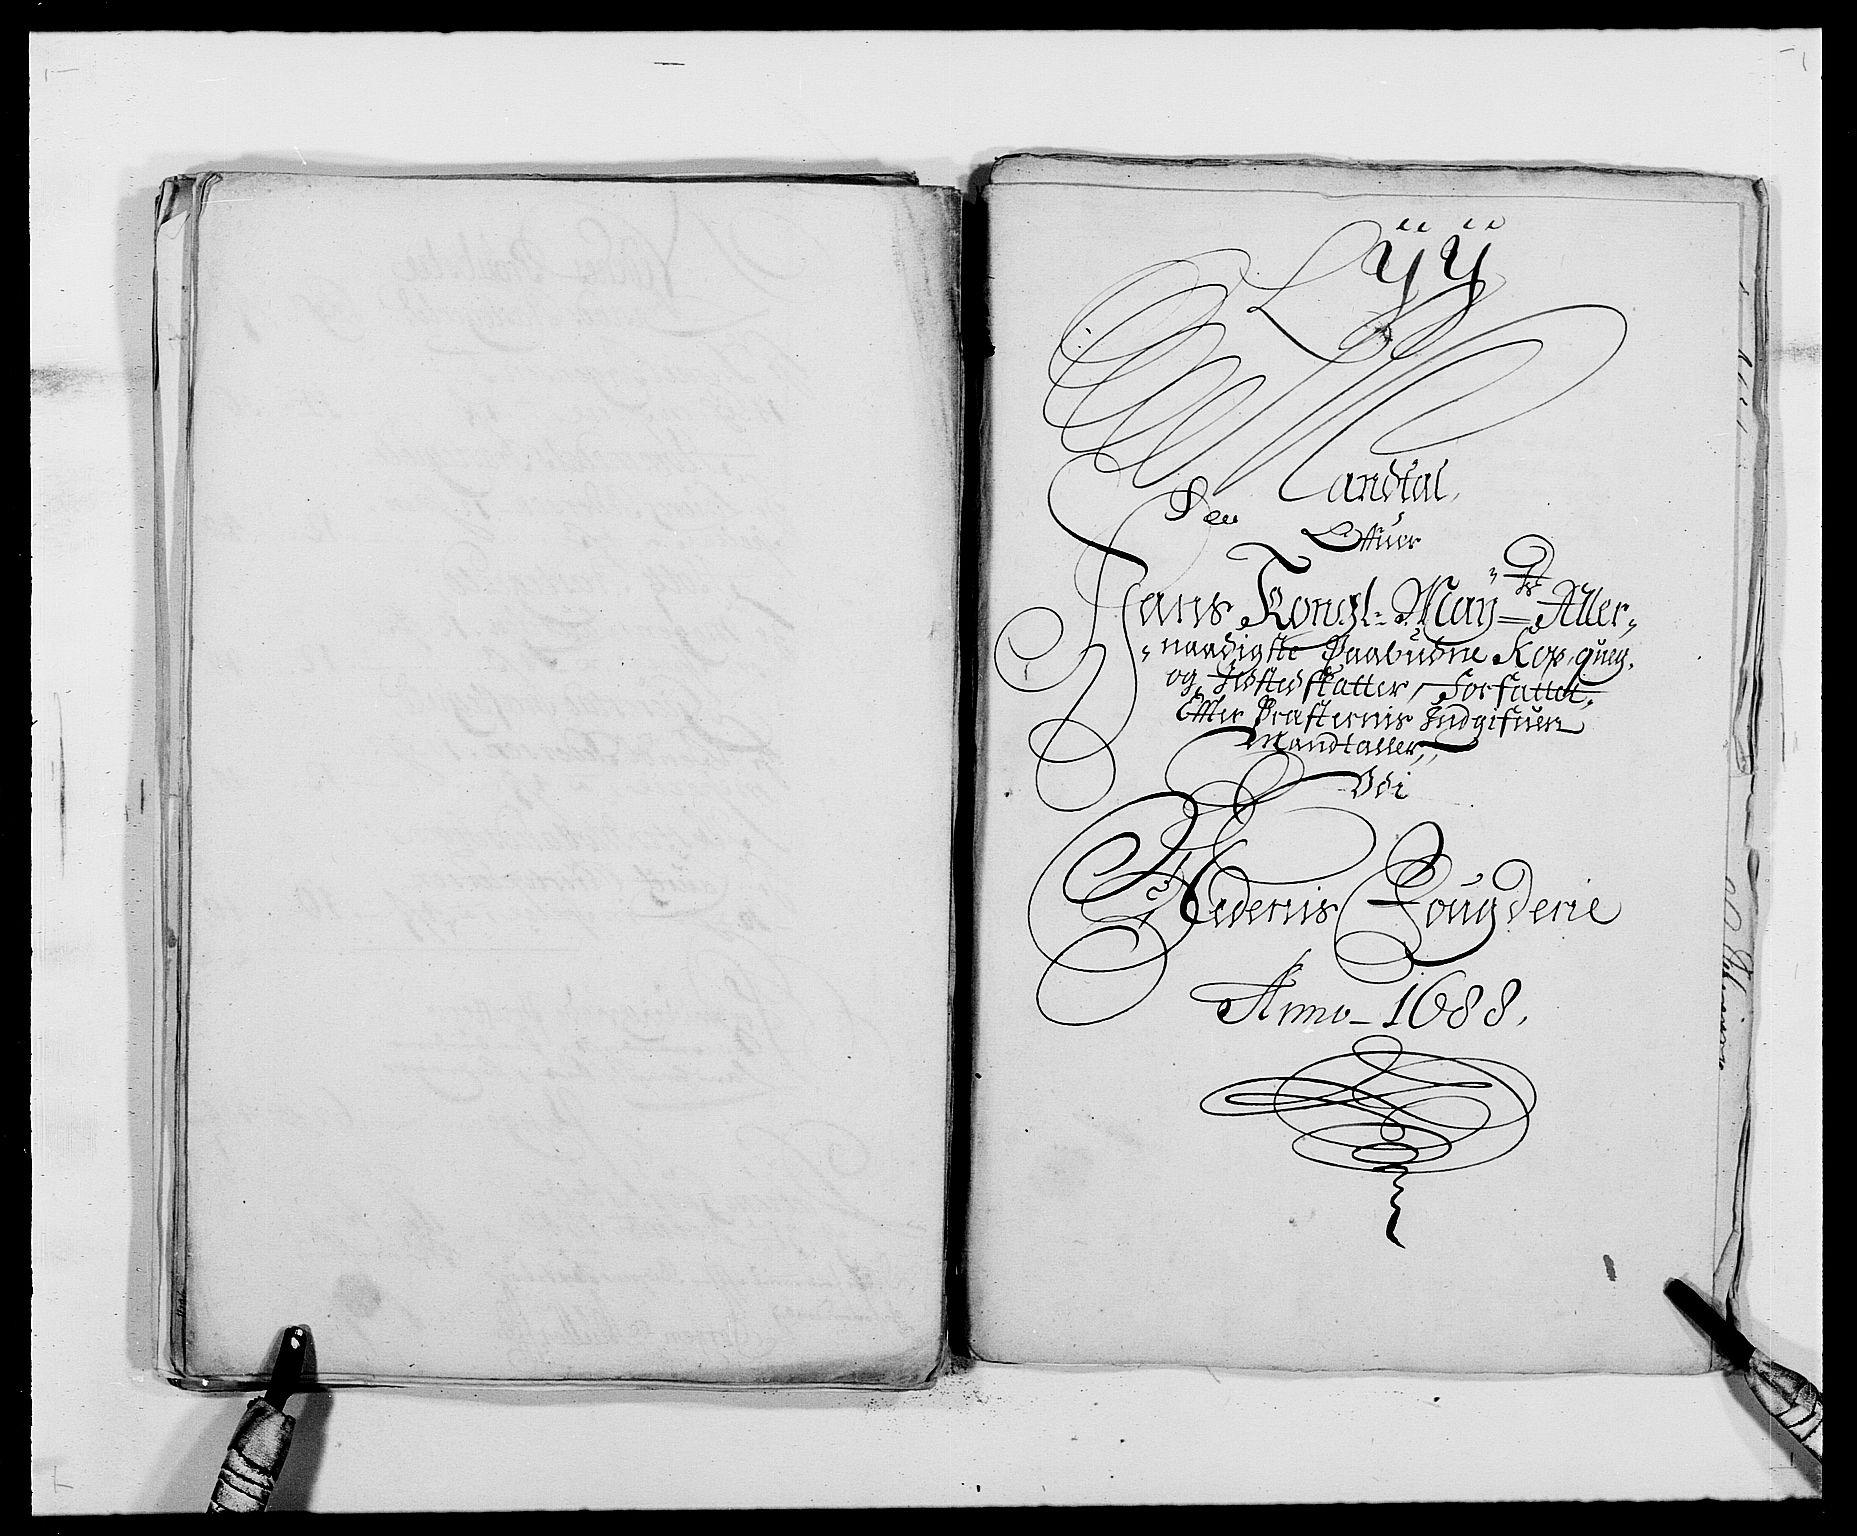 RA, Rentekammeret inntil 1814, Reviderte regnskaper, Fogderegnskap, R39/L2309: Fogderegnskap Nedenes, 1684-1689, s. 260